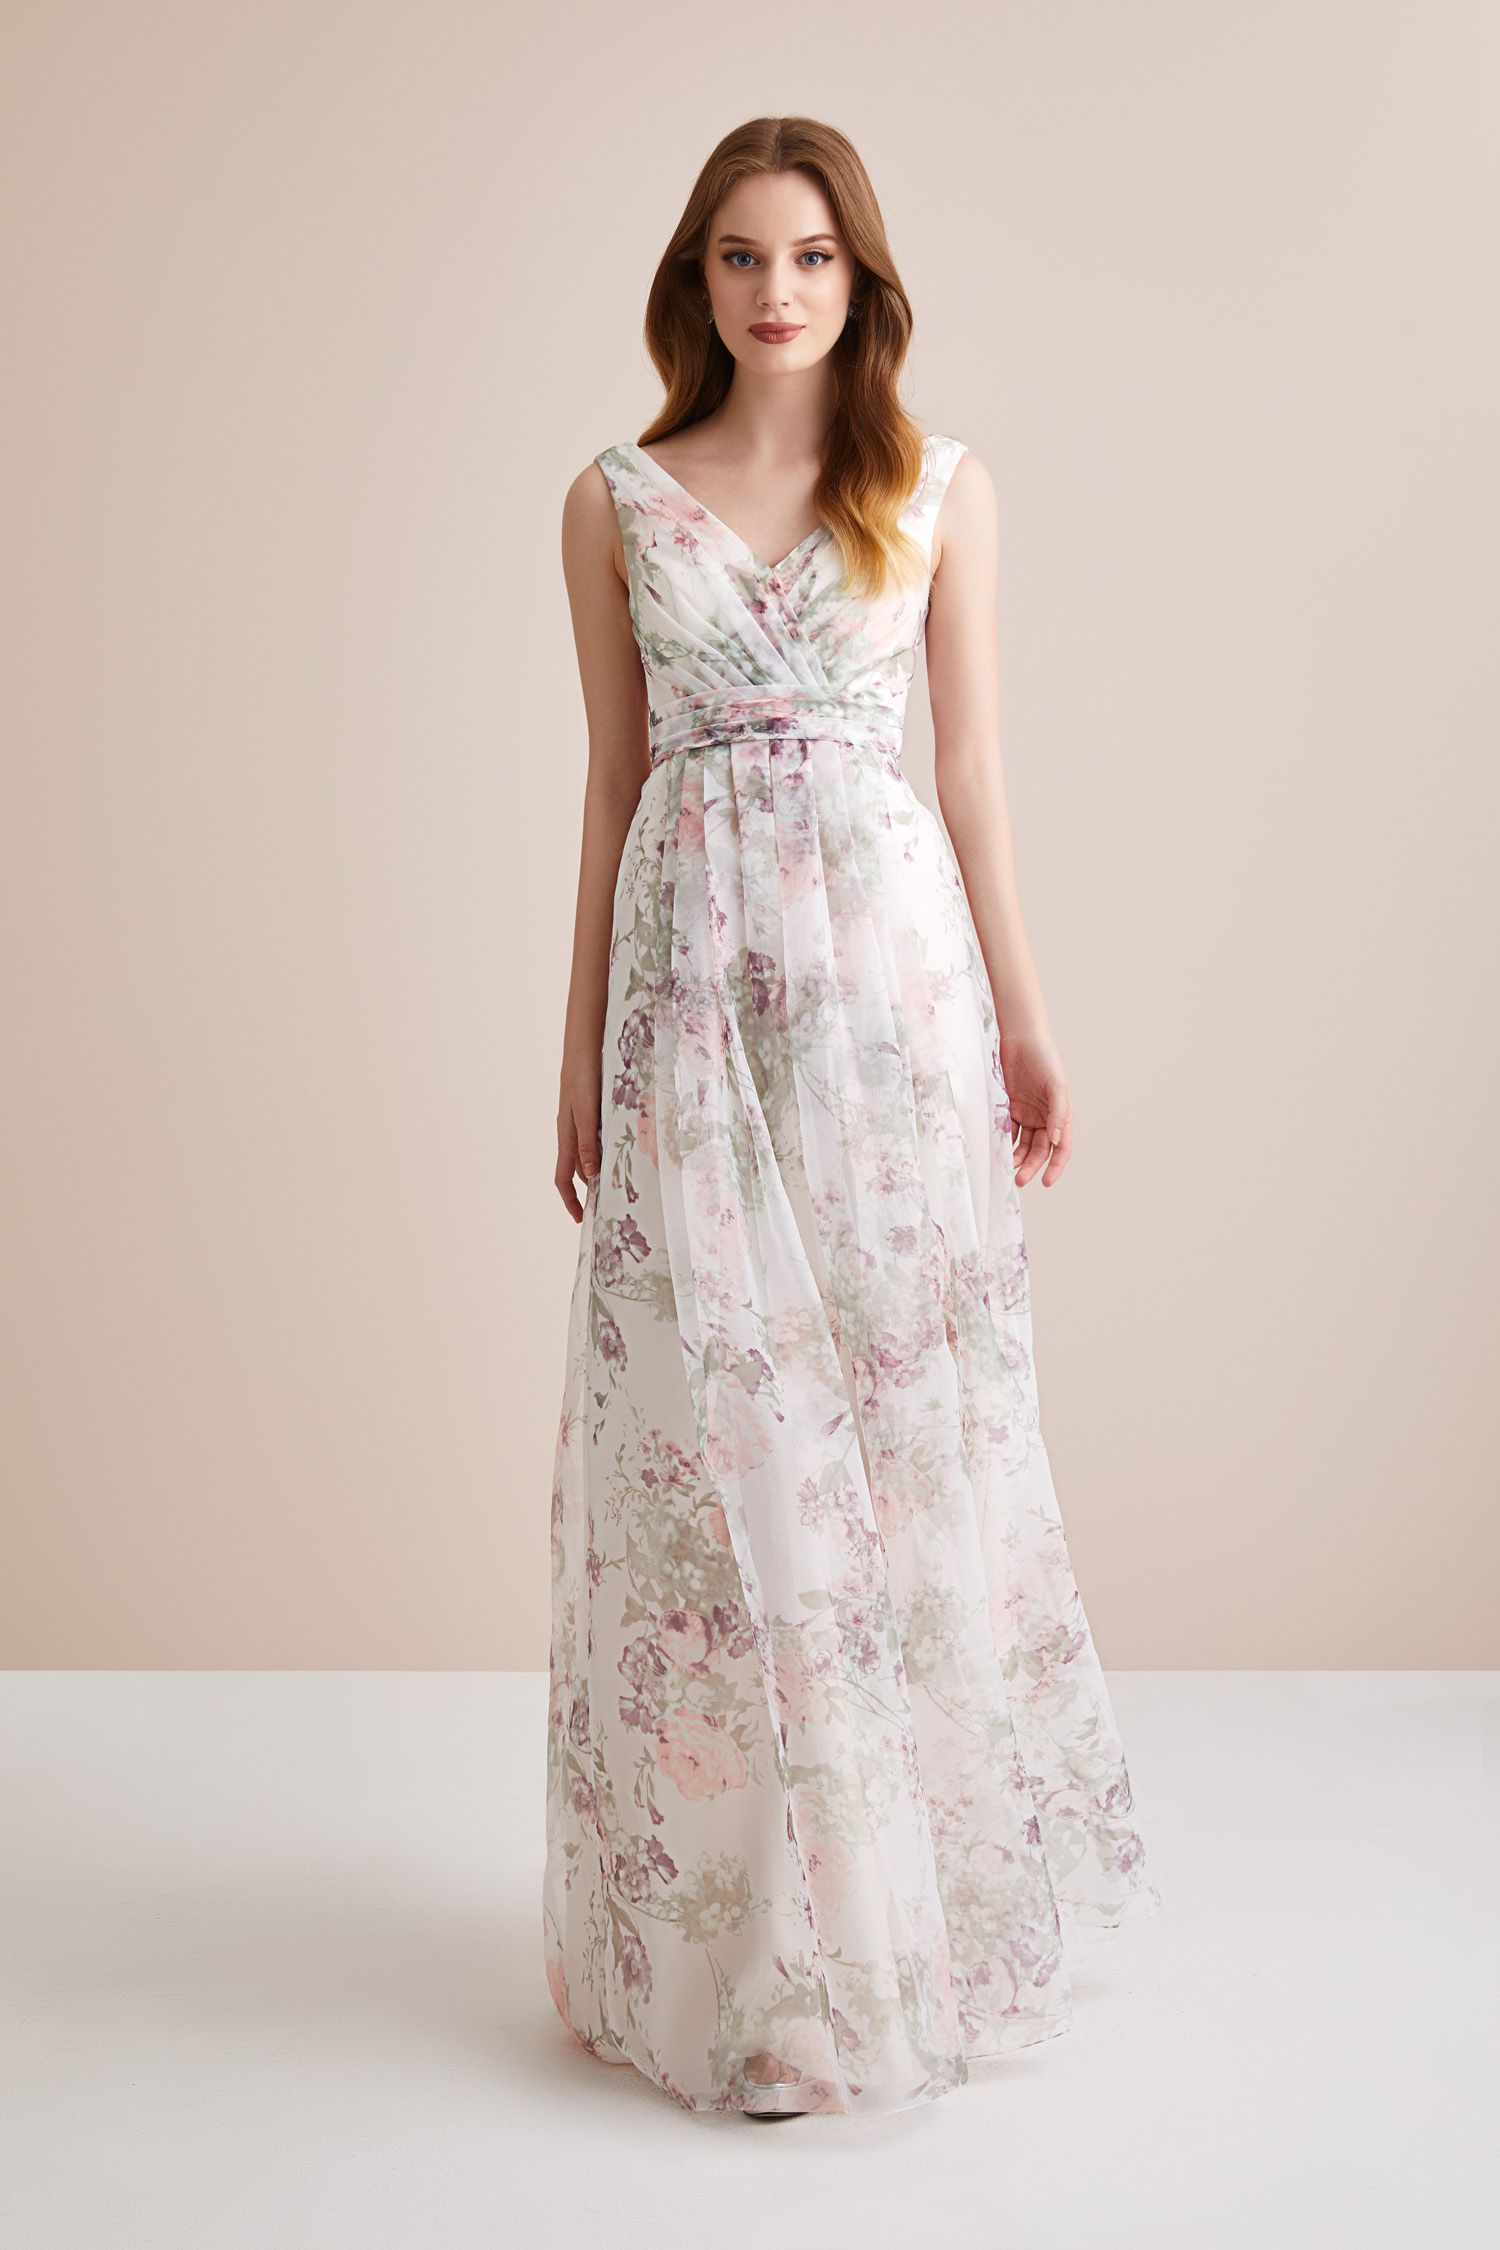 725847e29a530 Askılı Çiçekli Şifon Uzun Abiye Elbise. Düğün gününde gelinin en yakın  arkadaşı Nedimeler şıklığını Oleg